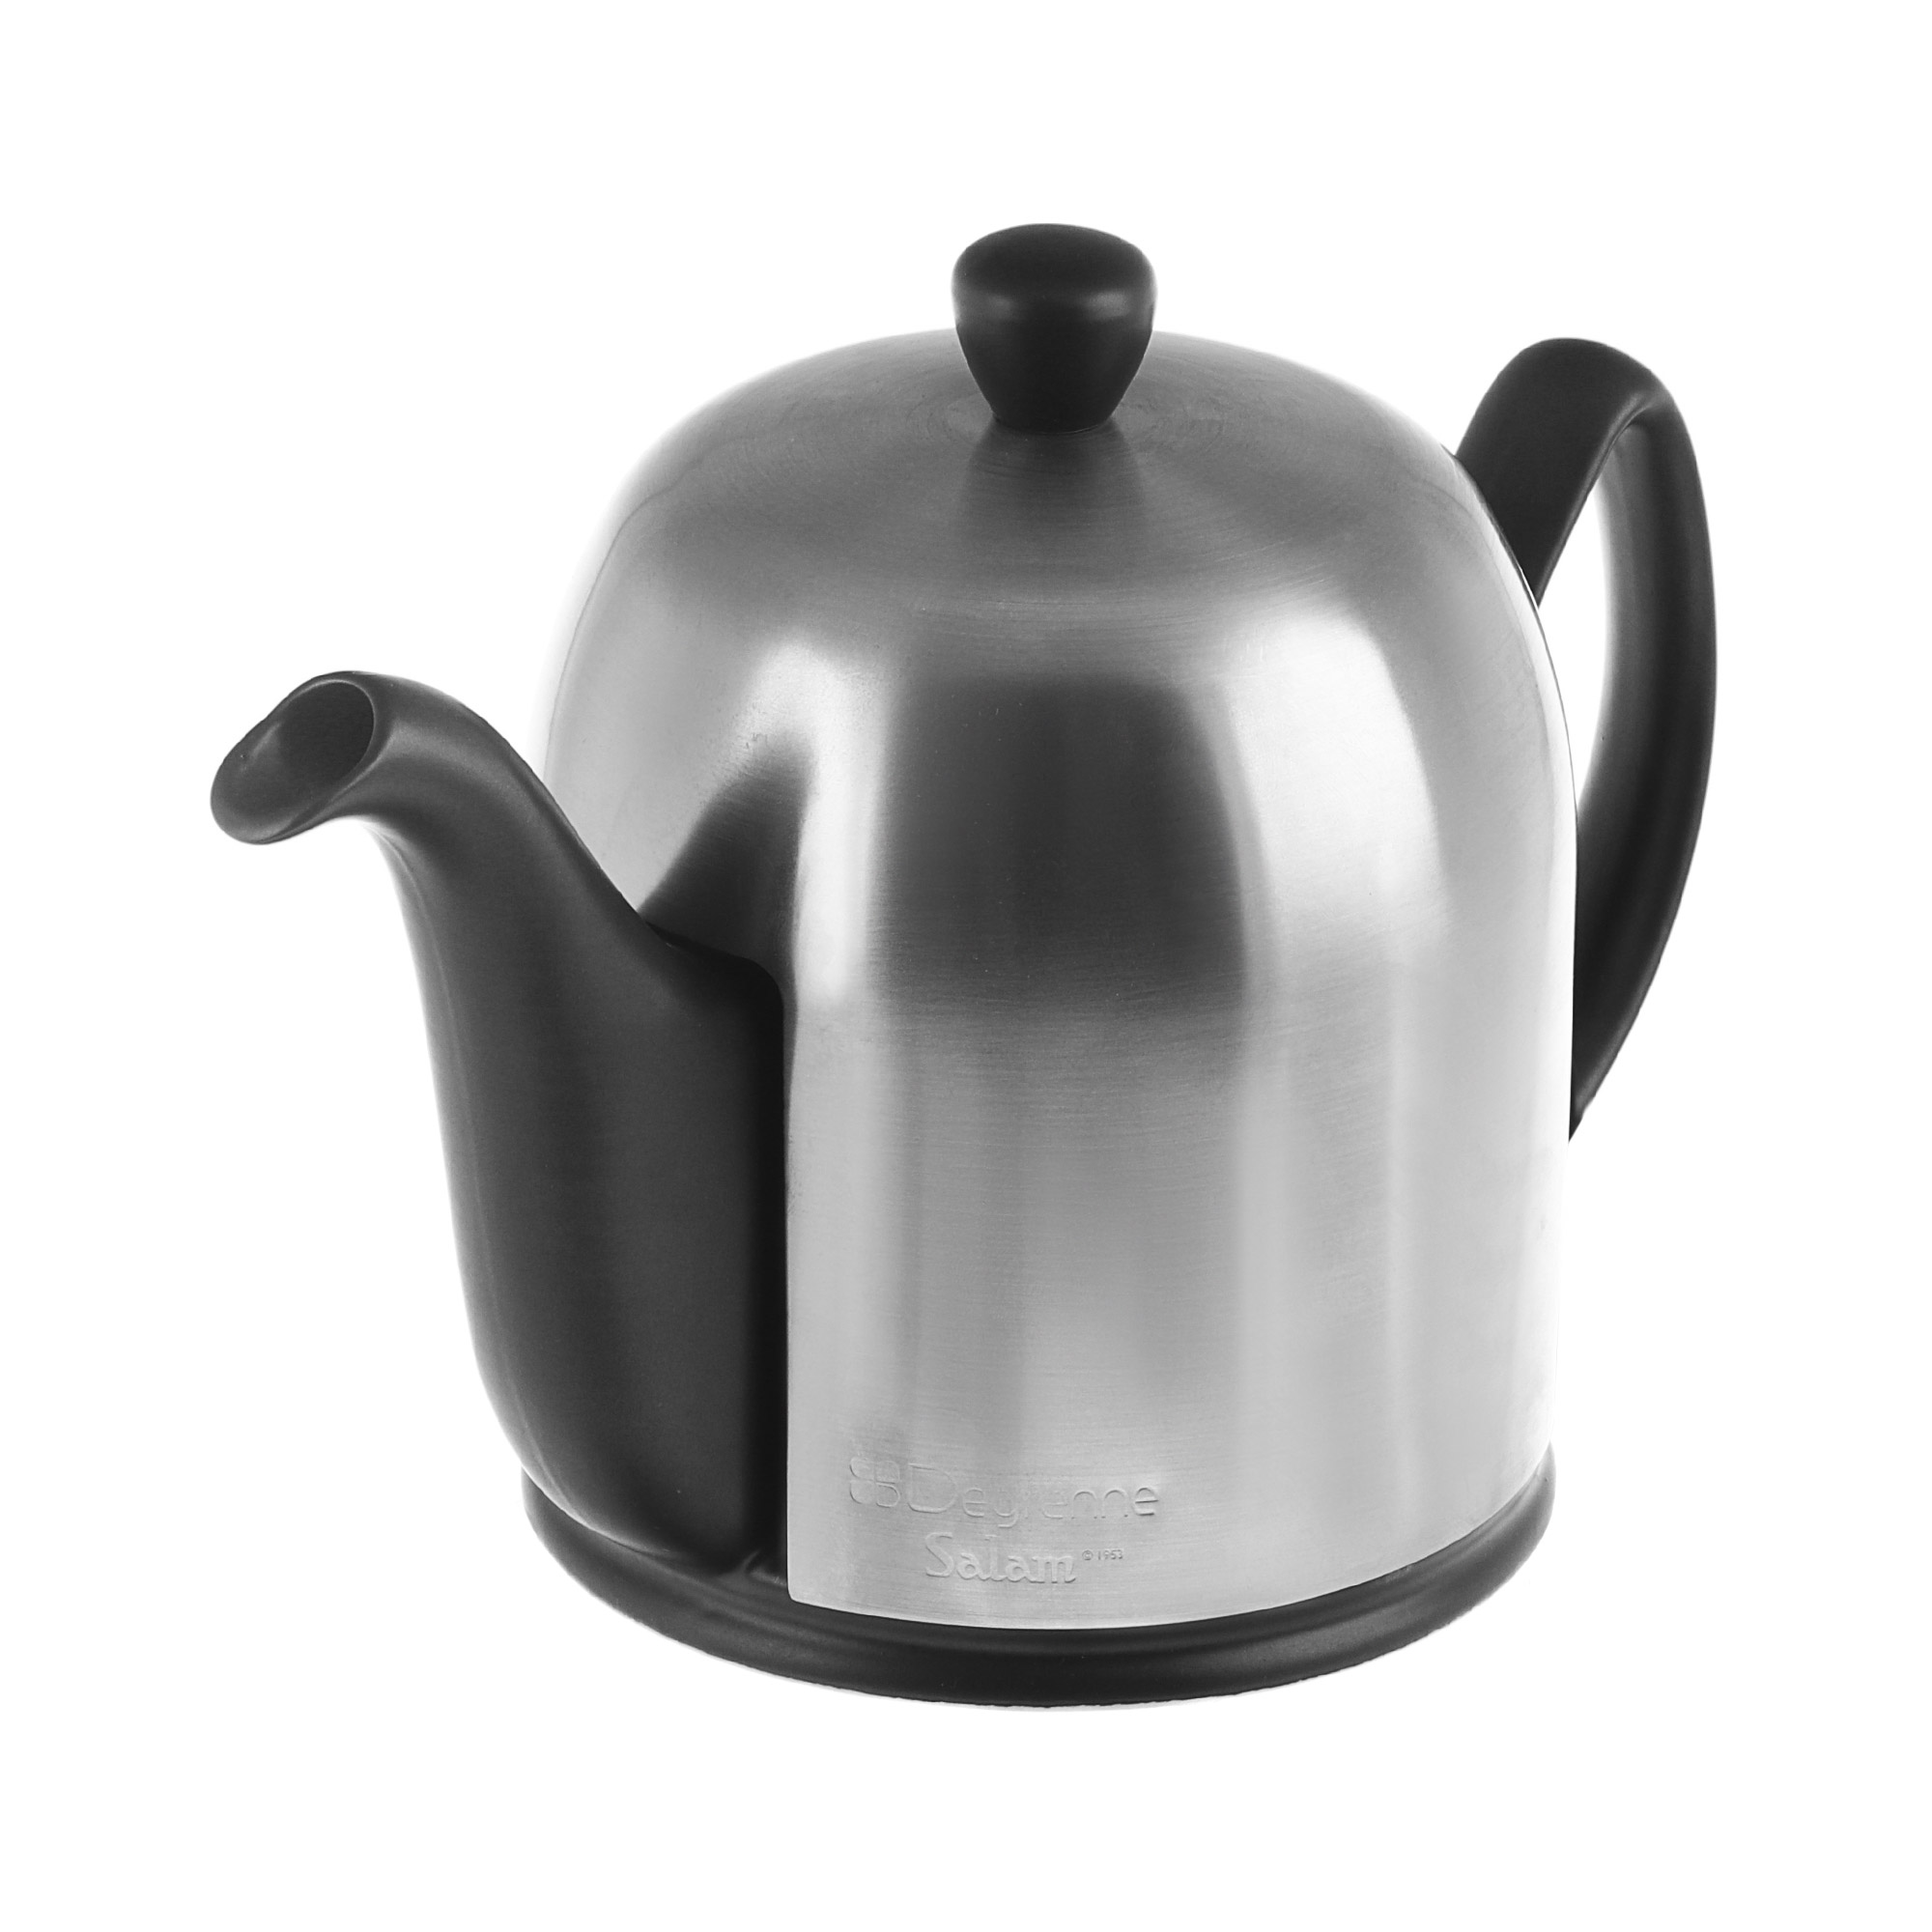 Чайник заварочный Guy Degrenne 1 л чайник заварочный spode английские охотничьи мотивы 1 3 л